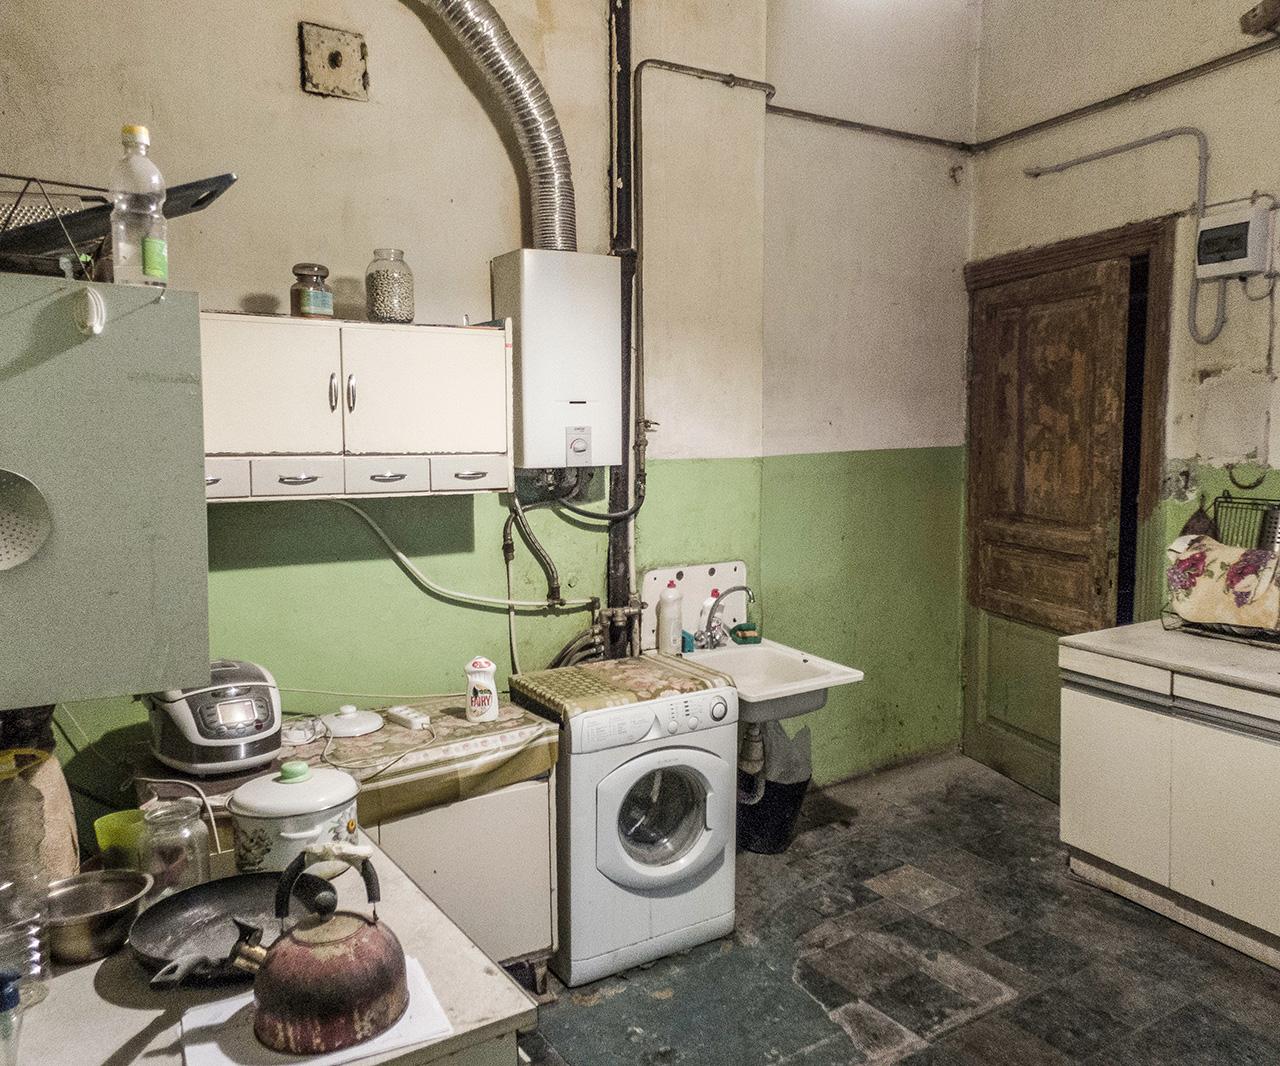 """Il progetto """"Old Fund"""" vanta nella sua lista di kommunalke anche vecchi edifici dove vivevano personaggi famosi: in uno di questi viveva Rasputin, divenuto poi consigliere privato dei Romanov. La porta posteriore di questo edificio venne usata da Rasputin e dal suo assassino, Felix Yusupov, poche ore prima che lo stesso Rasputin venisse ucciso"""